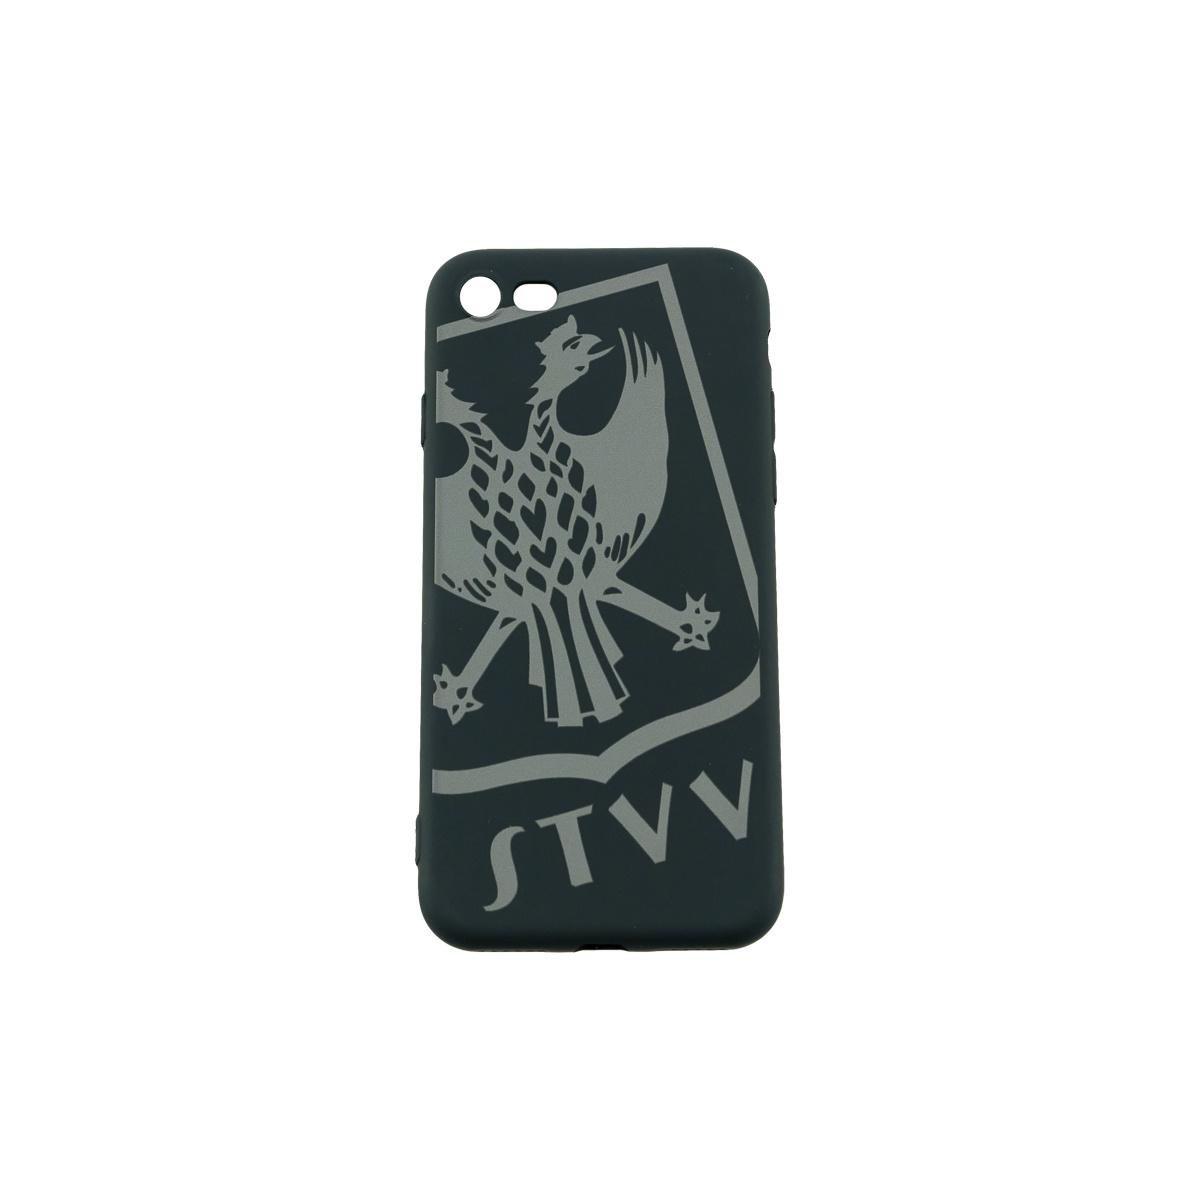 Topfanz GSM cover grijs logo